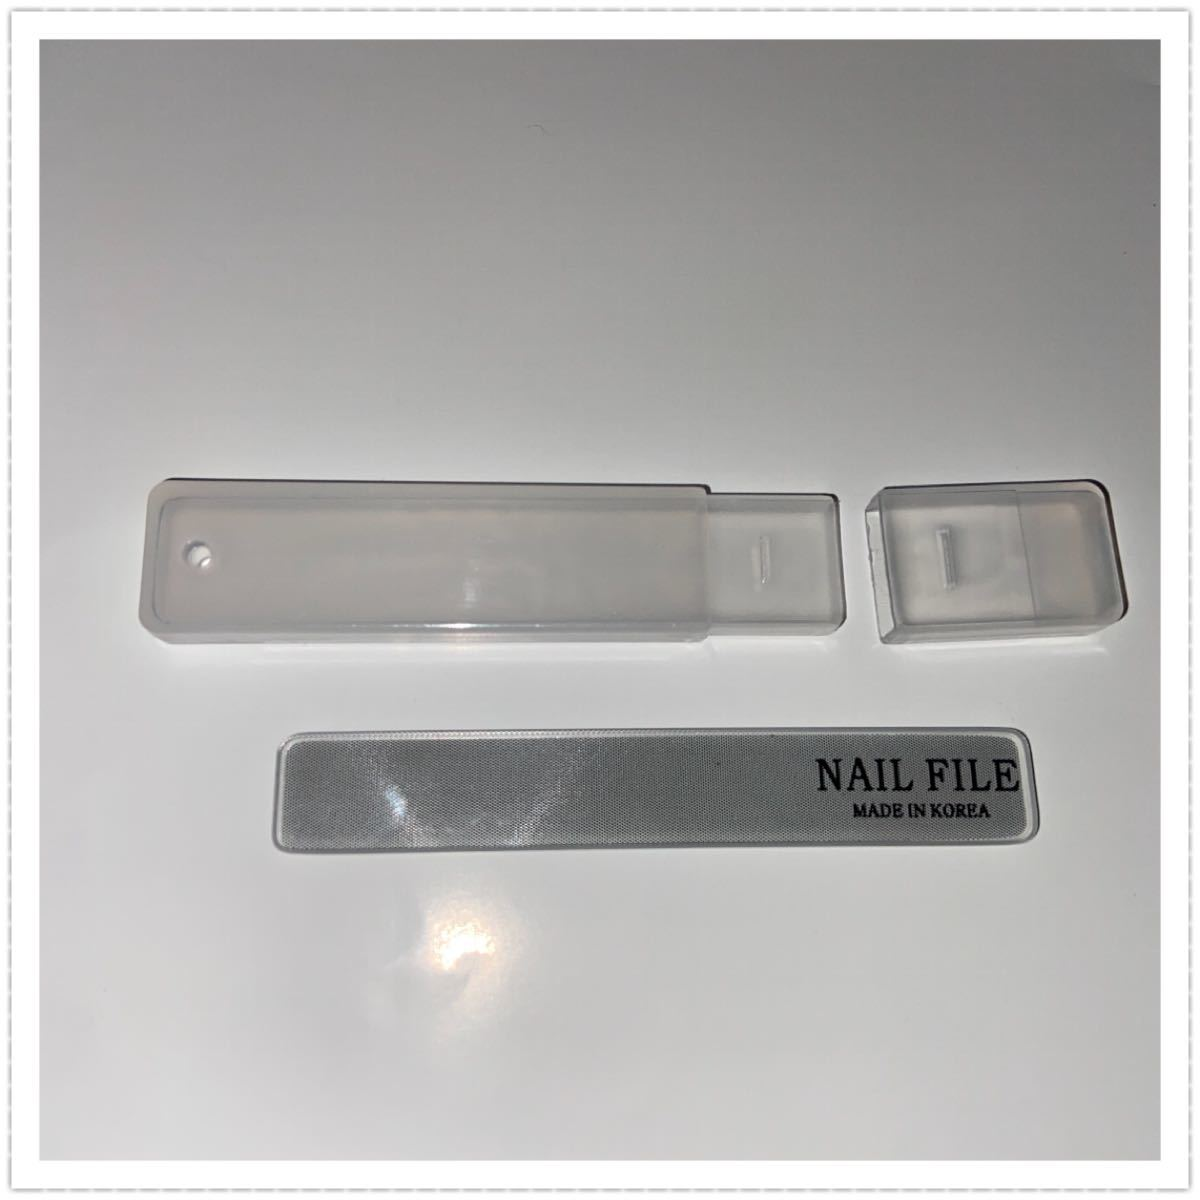 ガラス製 爪磨き 2個 / ネイルケア ネイルシャイナー 爪やすり 韓国